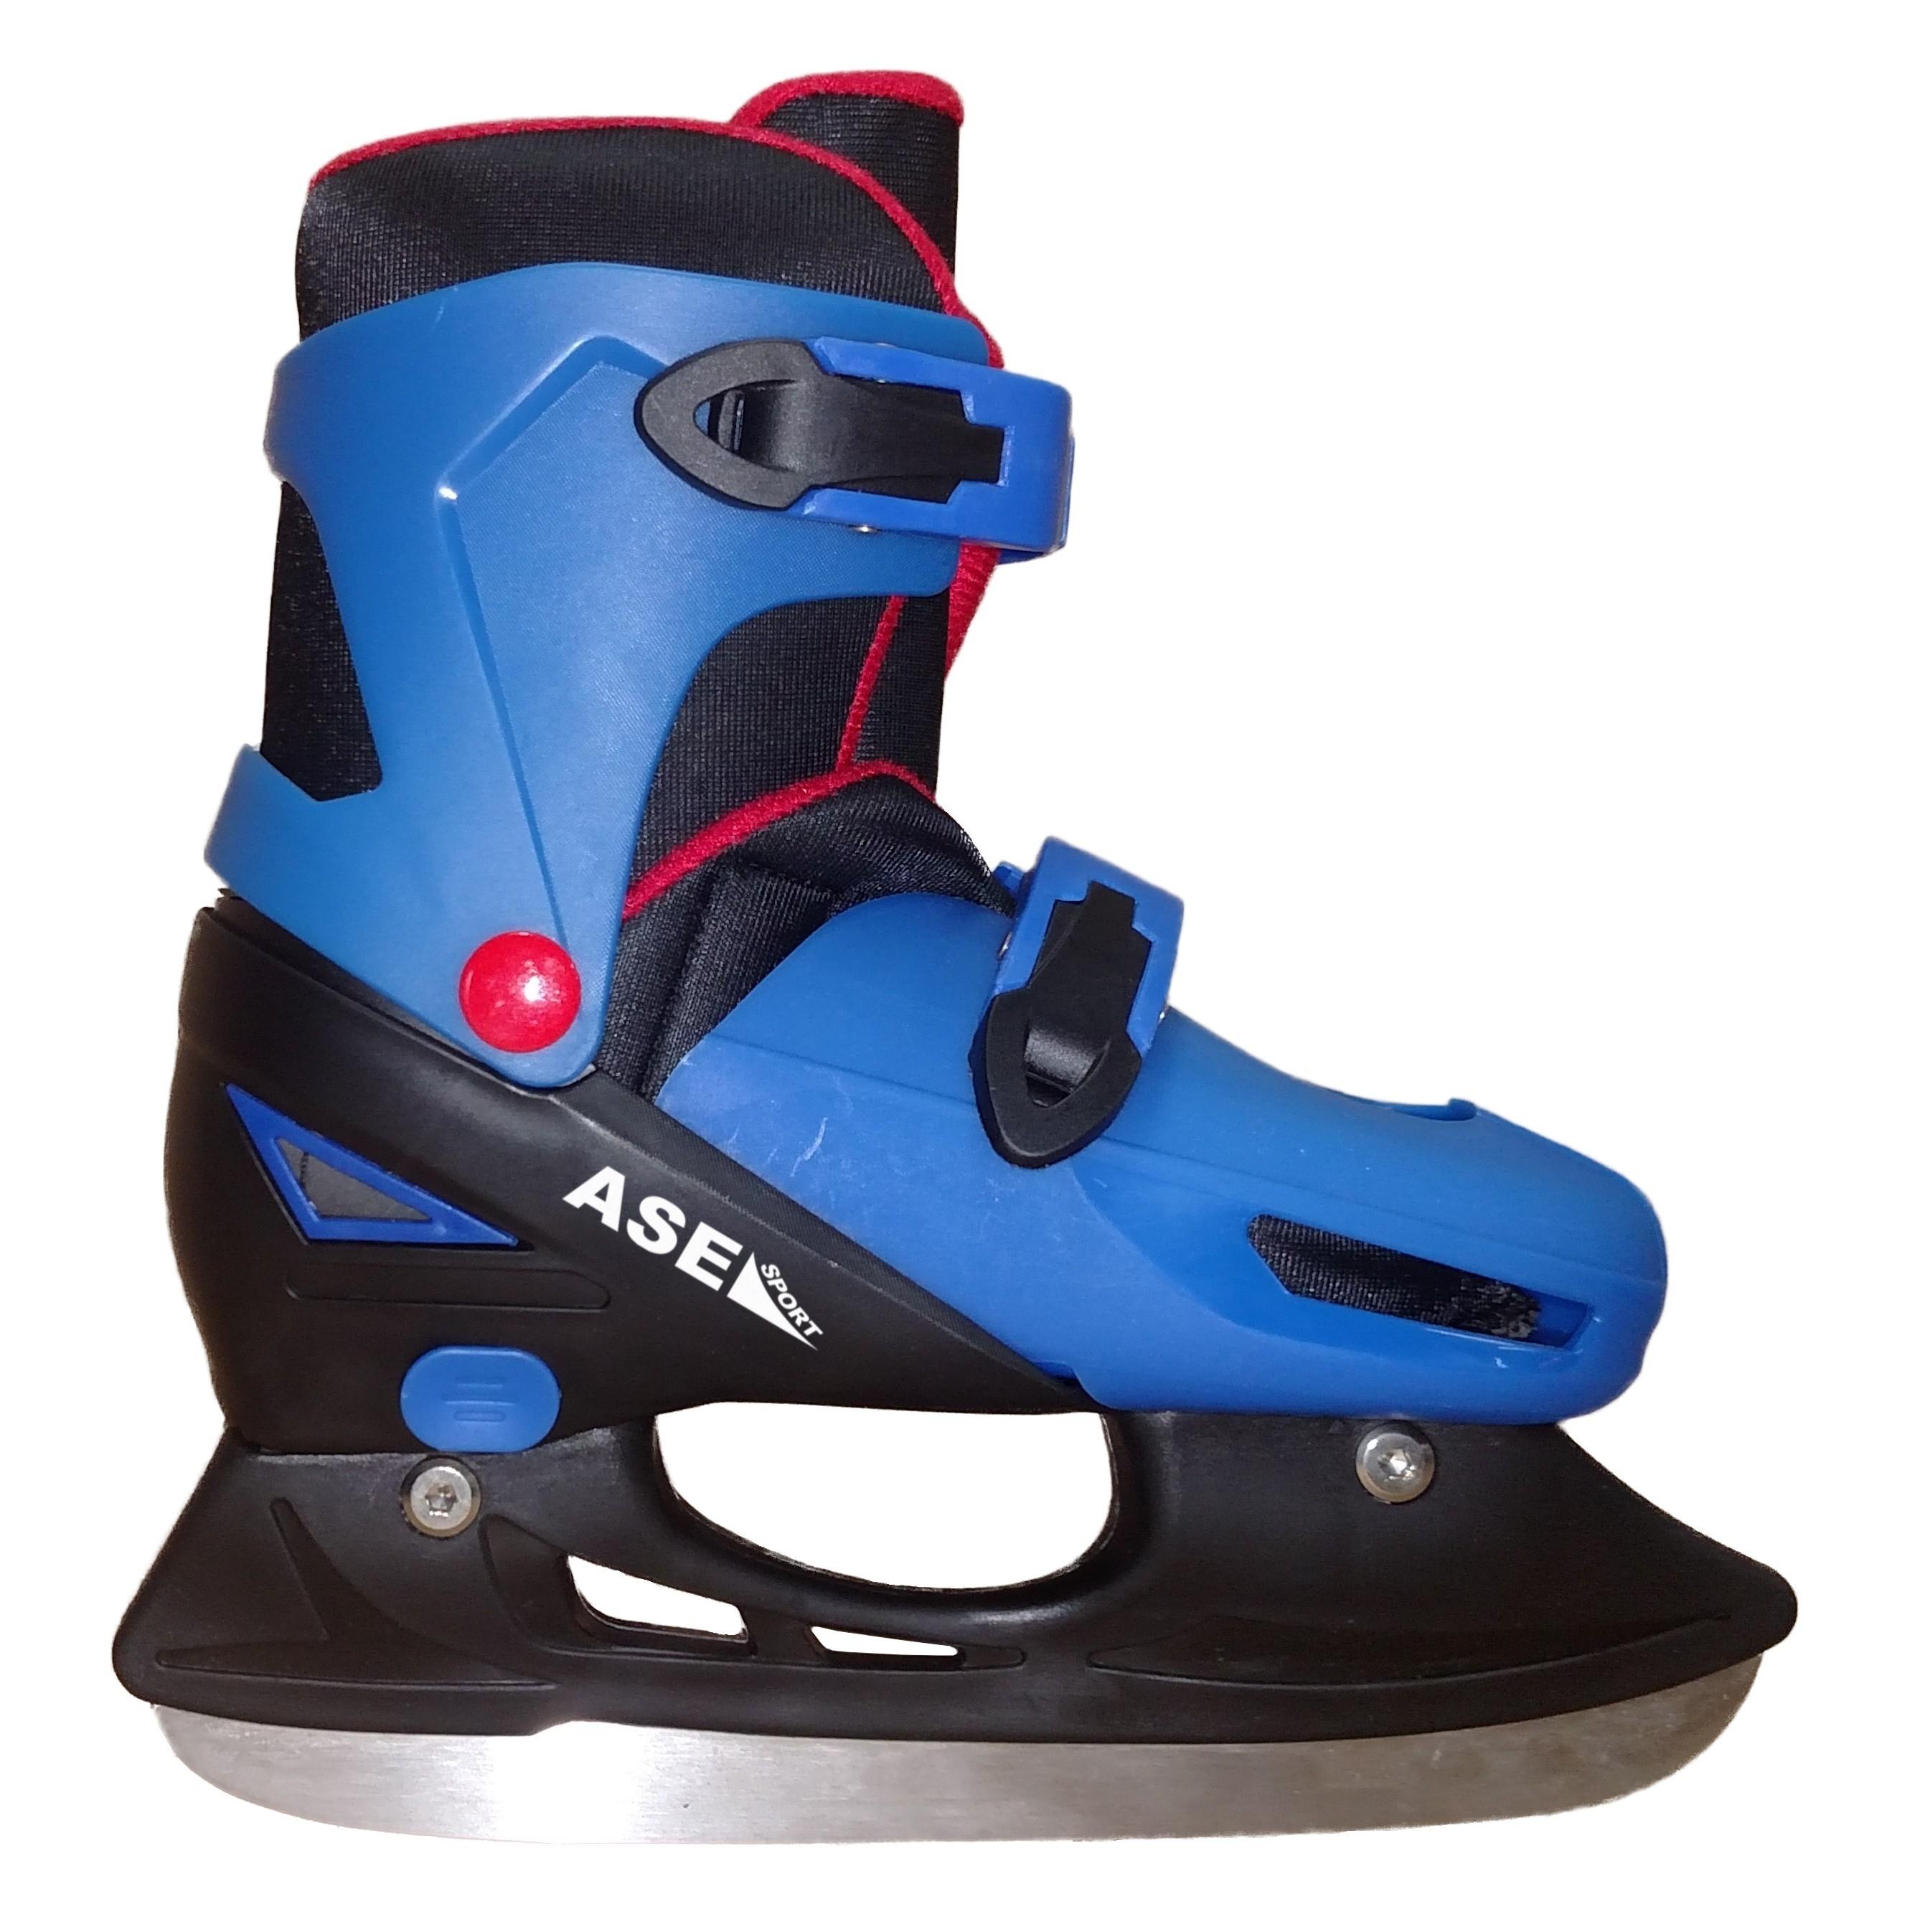 Коньки ASE-SPORT ASE-220 коньки хоккейные раздвижные ase sport ase 211f цвет белый розовый размер 34 37